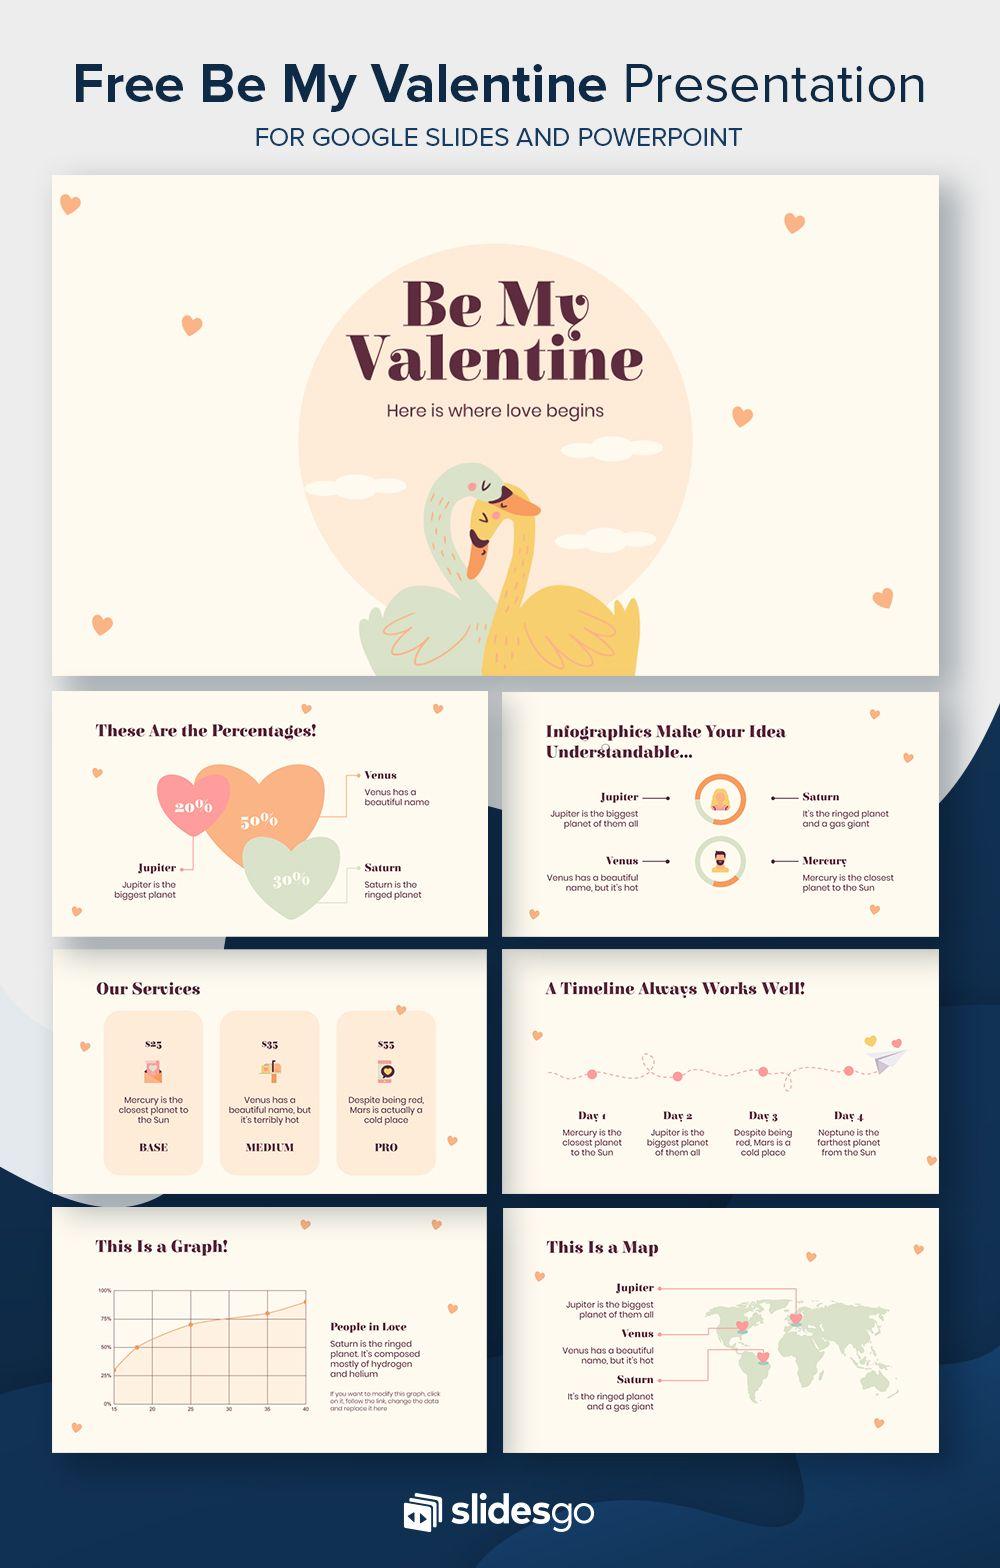 Be My Valentine Powerpoint presentation design